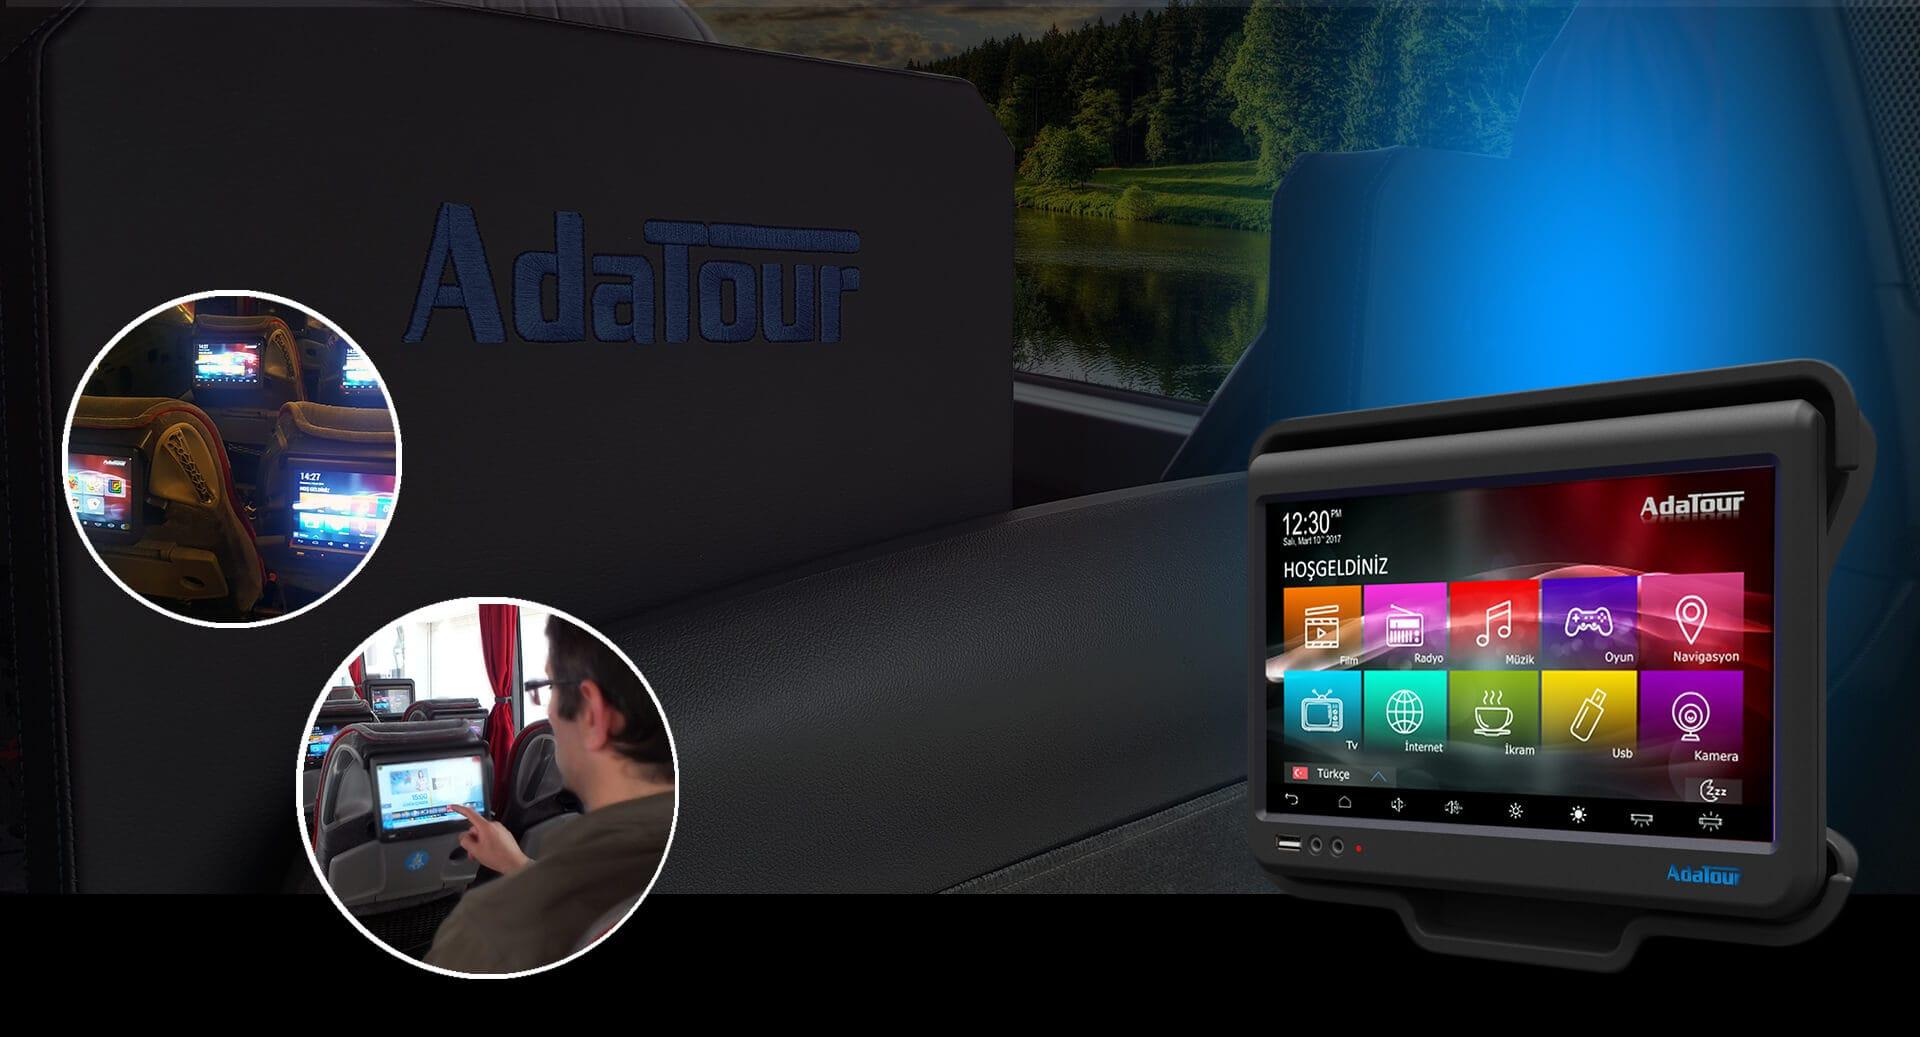 adatour2